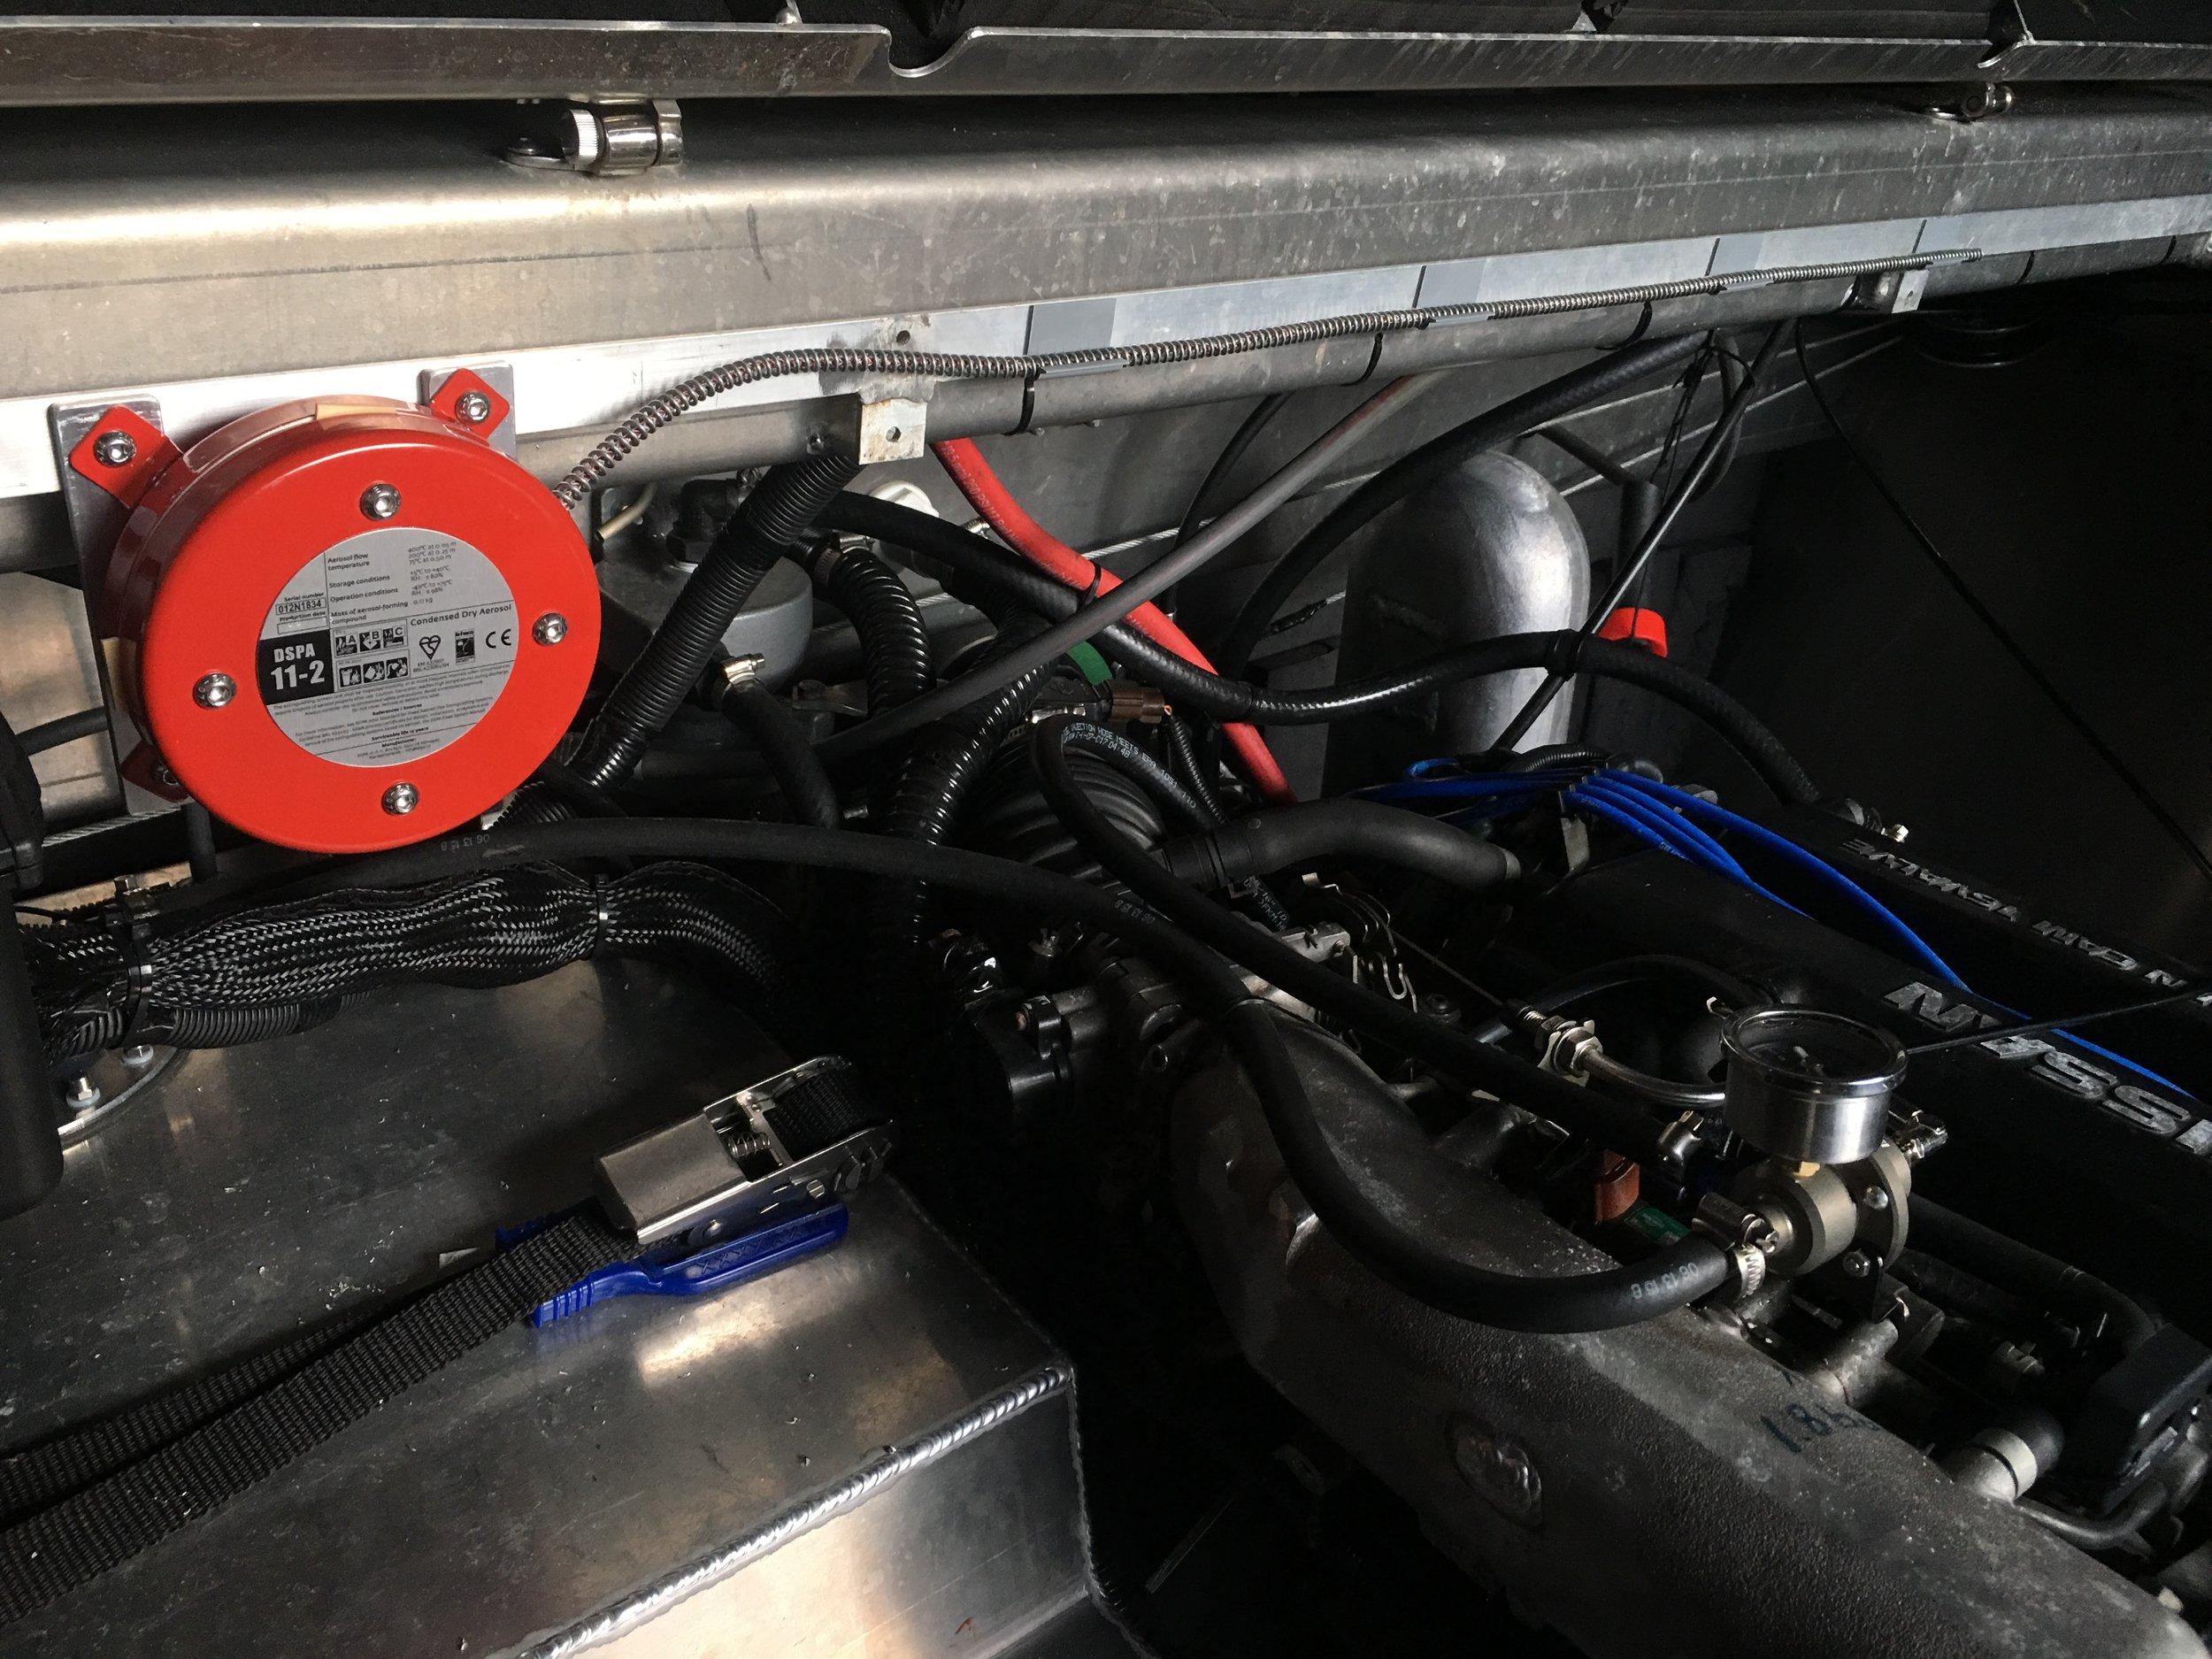 DSPA Fire Suppression System